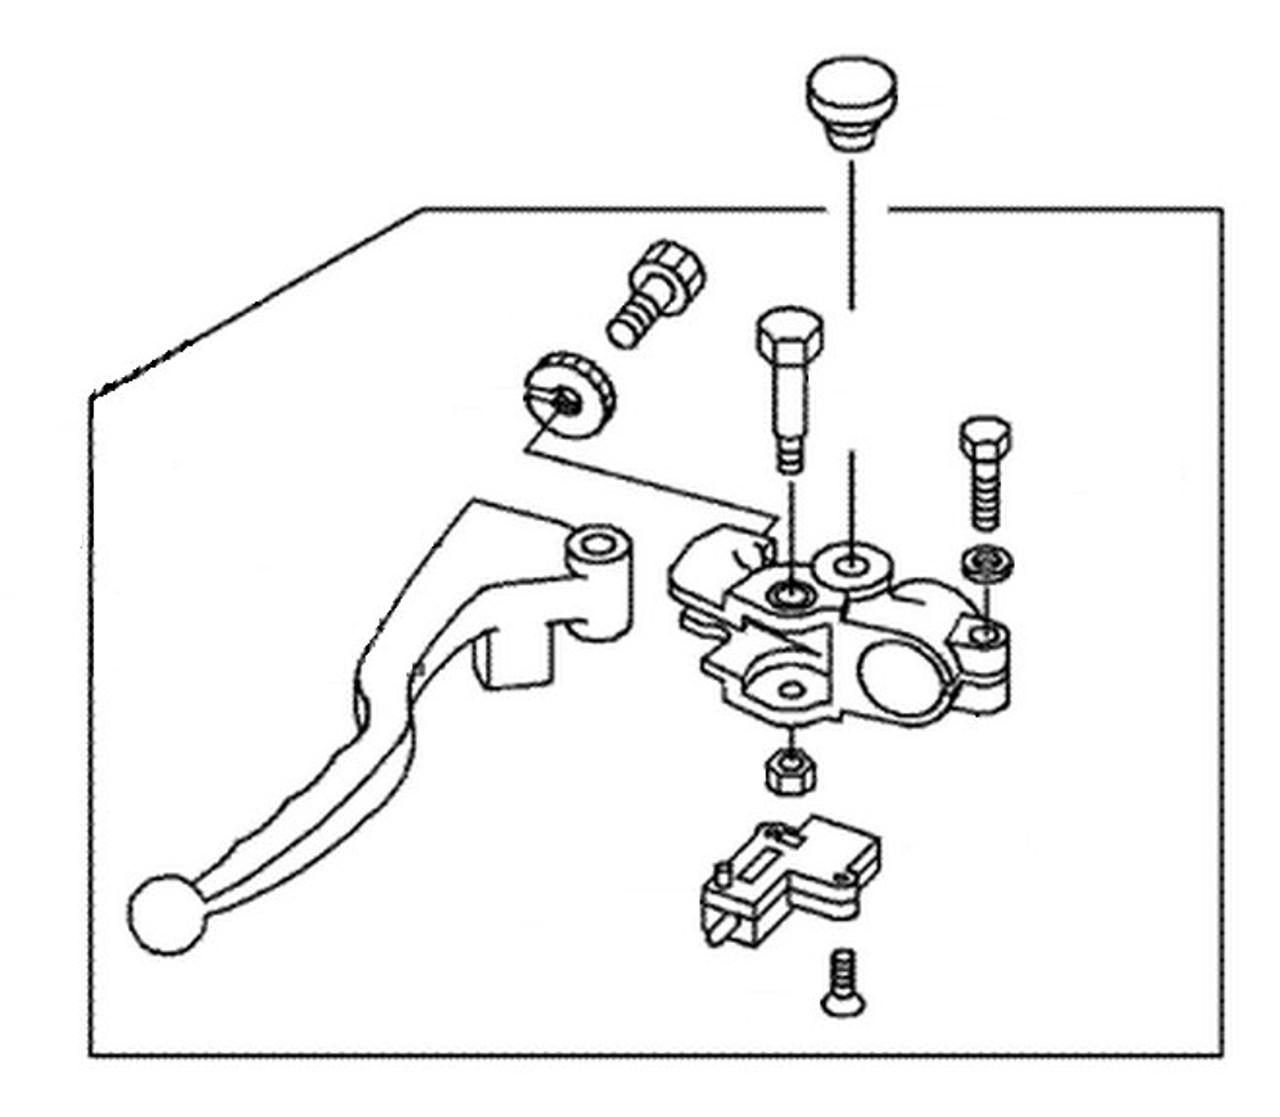 Kz1000 Clutch Diagram